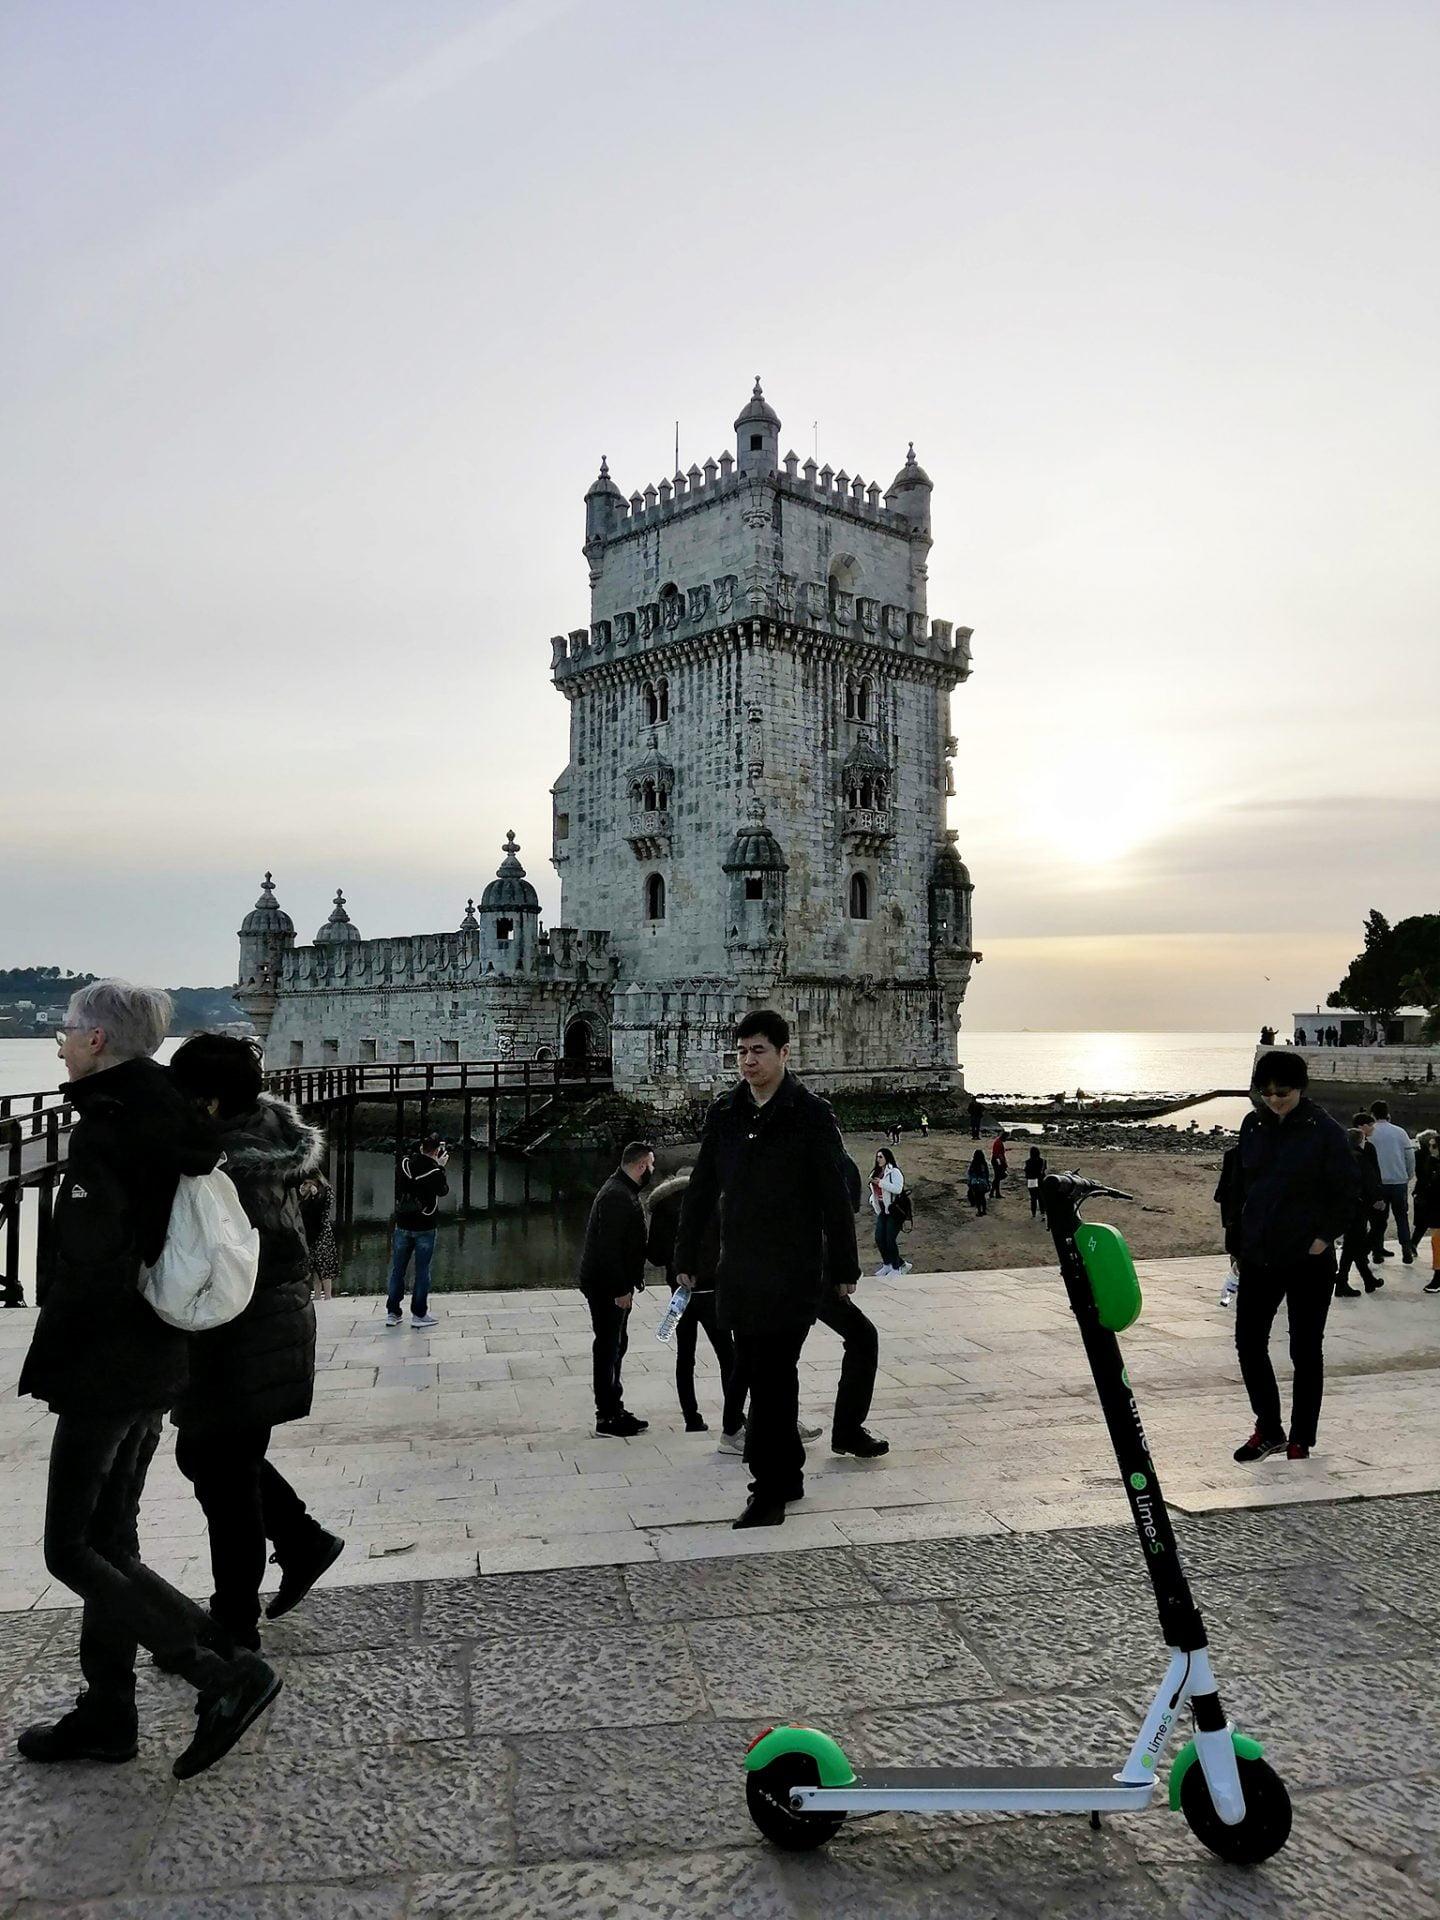 meetmeatthebeach: Lissabon